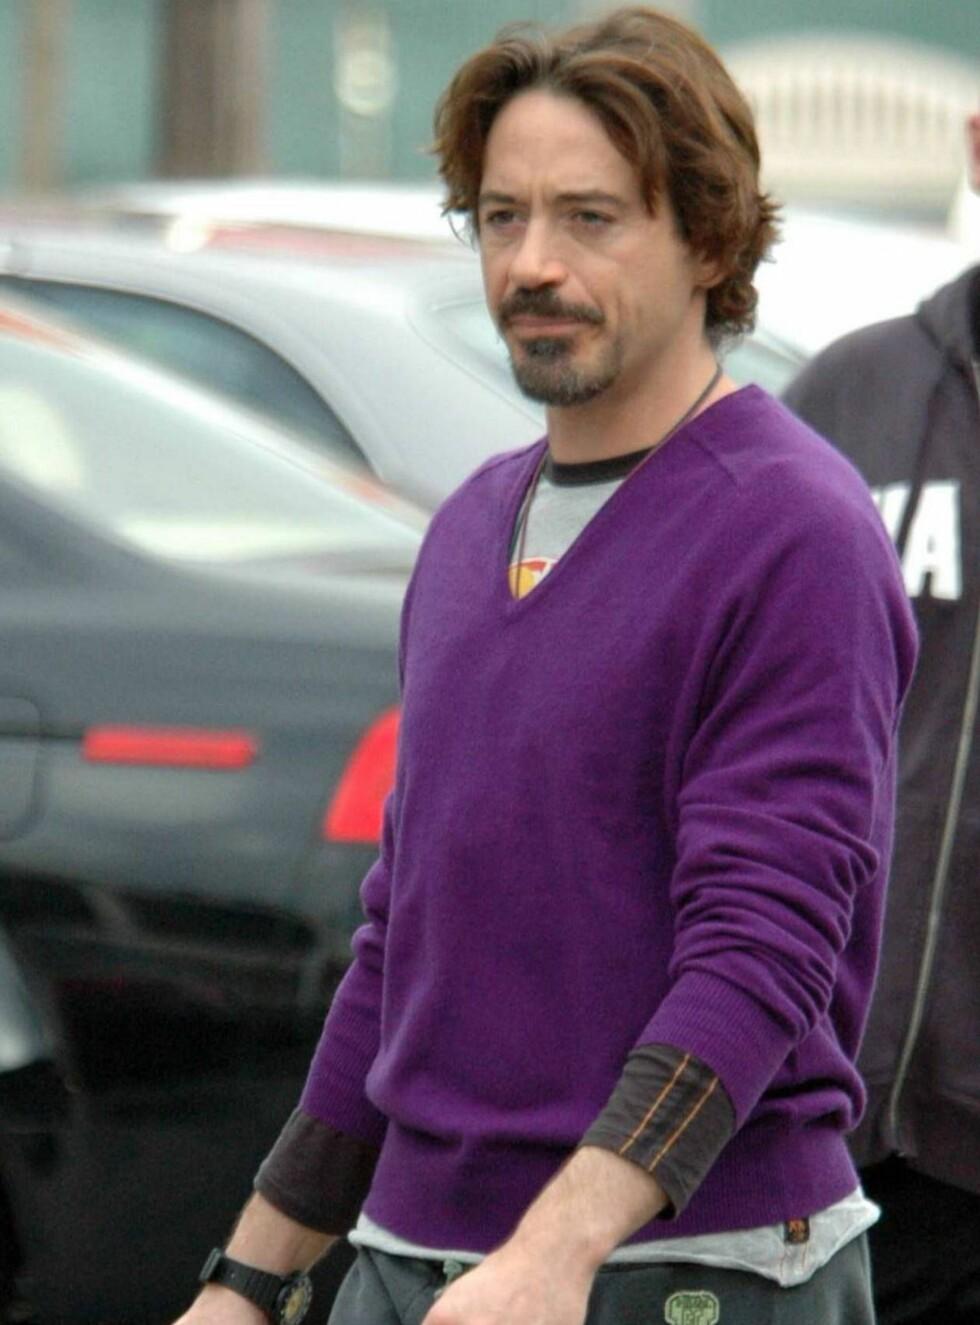 <strong>PÅ GATA:</strong> Robert Downey jr har flere ganger fått sparken på grunn av sitt rusmisbruk. Foto: All Over Press